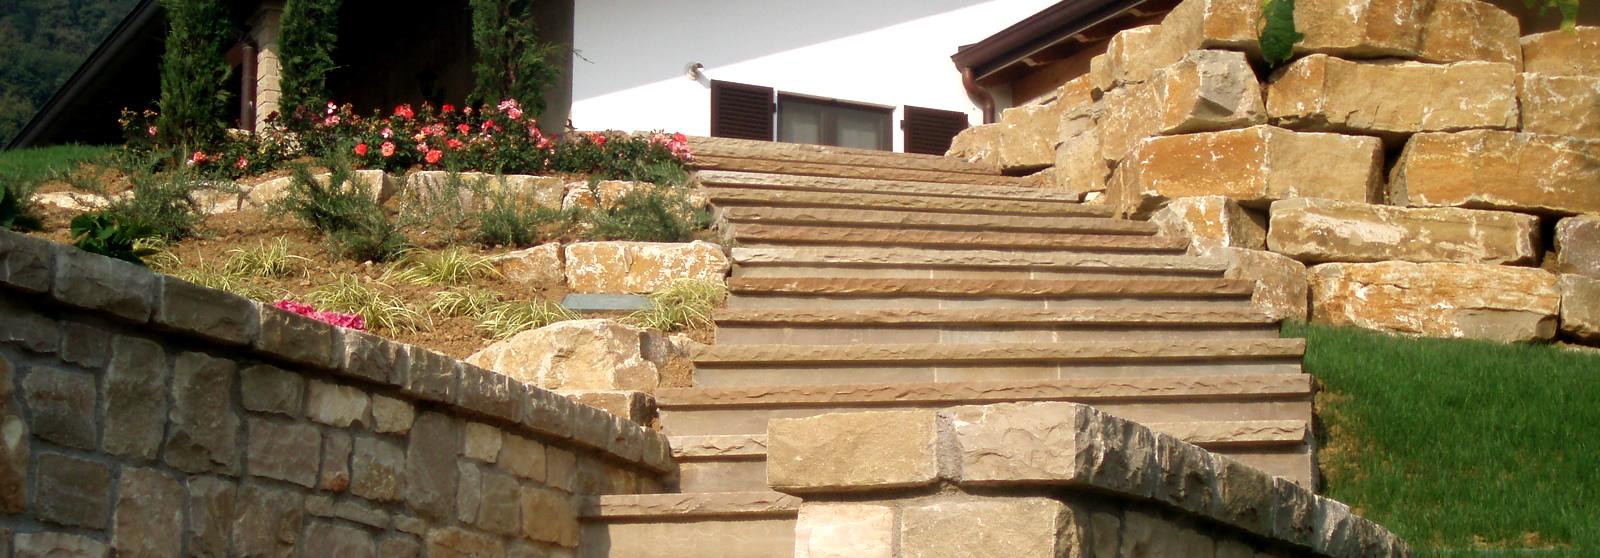 Cava bettoni vera pietra di credaro estrazione - Scale in giardino ...